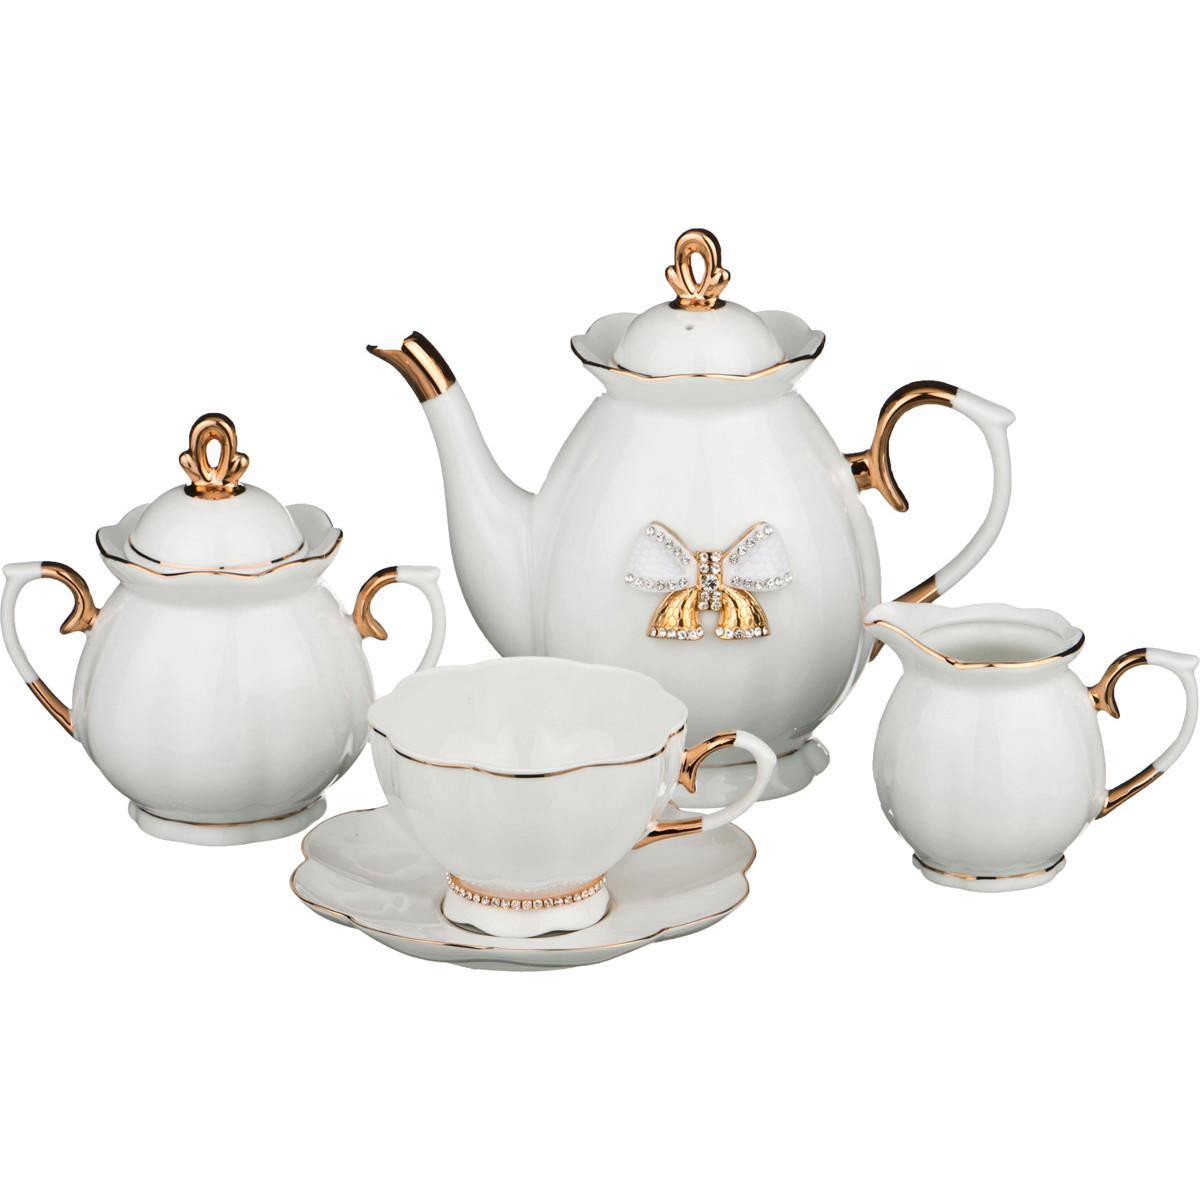 Чайный сервиз Lefard Giselle на 6 персон